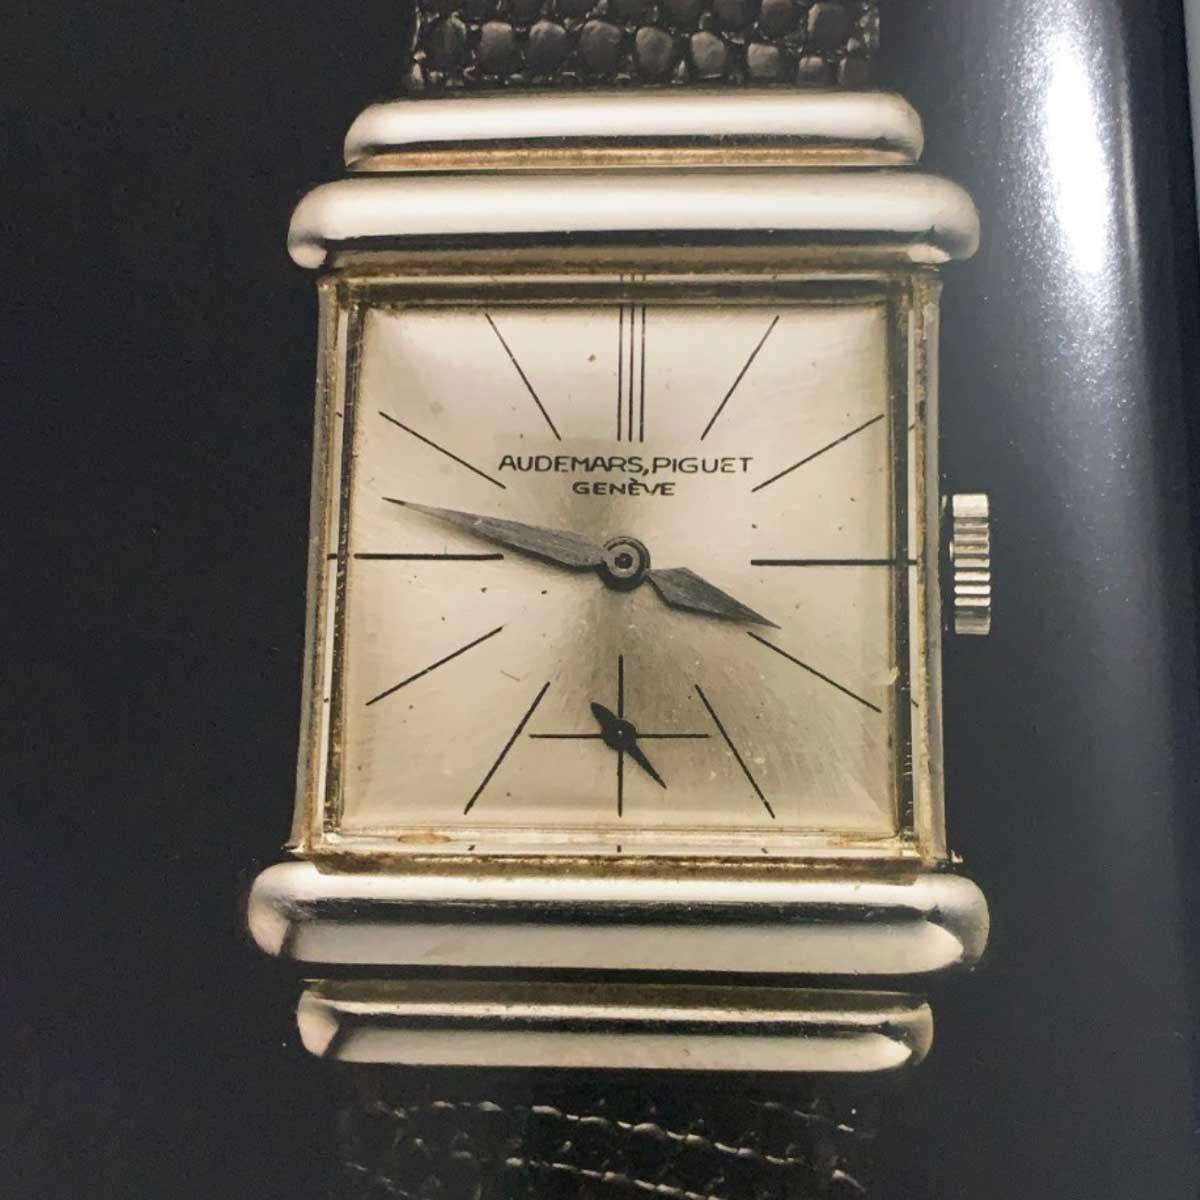 Audemars Piguet World's Fair watch from 1938 has been a part of Michael Friedman's collection since 2003.(Image: Audemars Piguet)